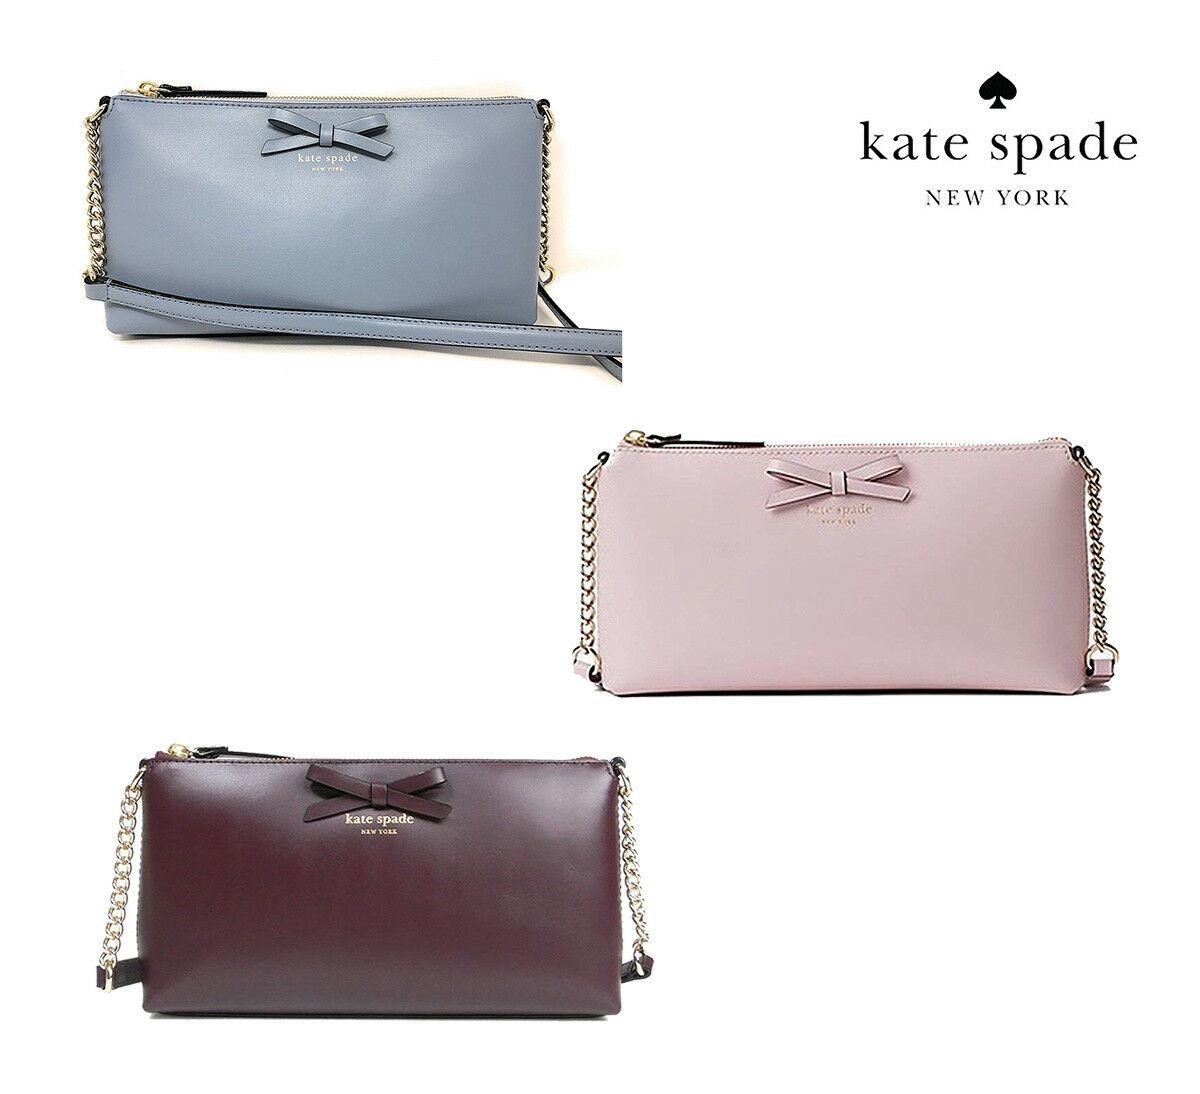 粉红色链条包 Kate Spade金色粉红色链条单肩斜挎包DECLAN WKRU4039_推荐淘宝好看的粉红色链条包